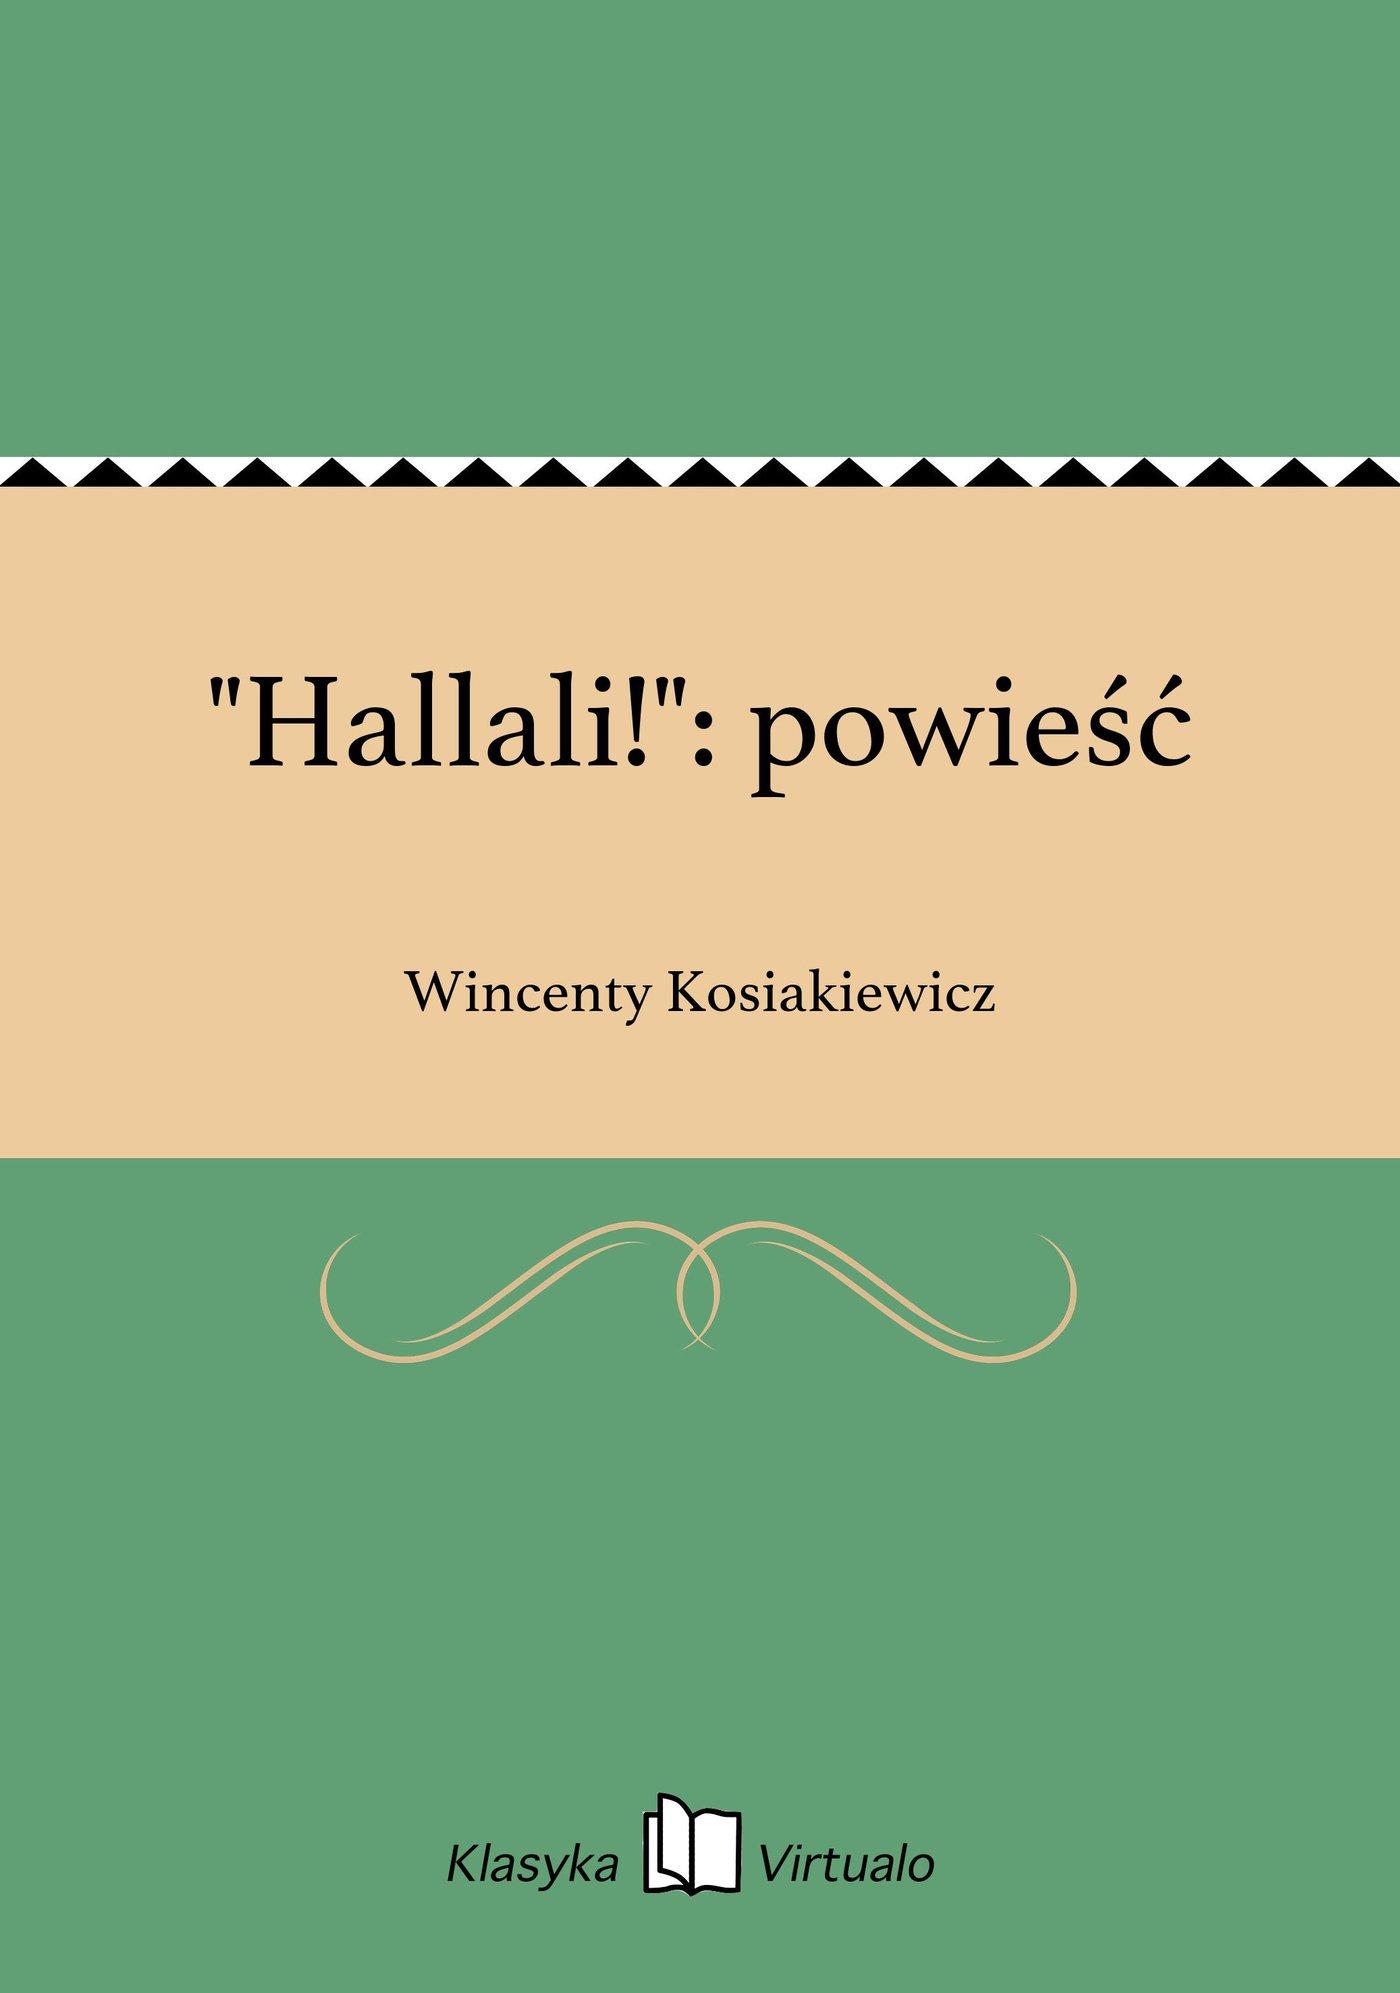 """""""Hallali!"""": powieść - Ebook (Książka na Kindle) do pobrania w formacie MOBI"""